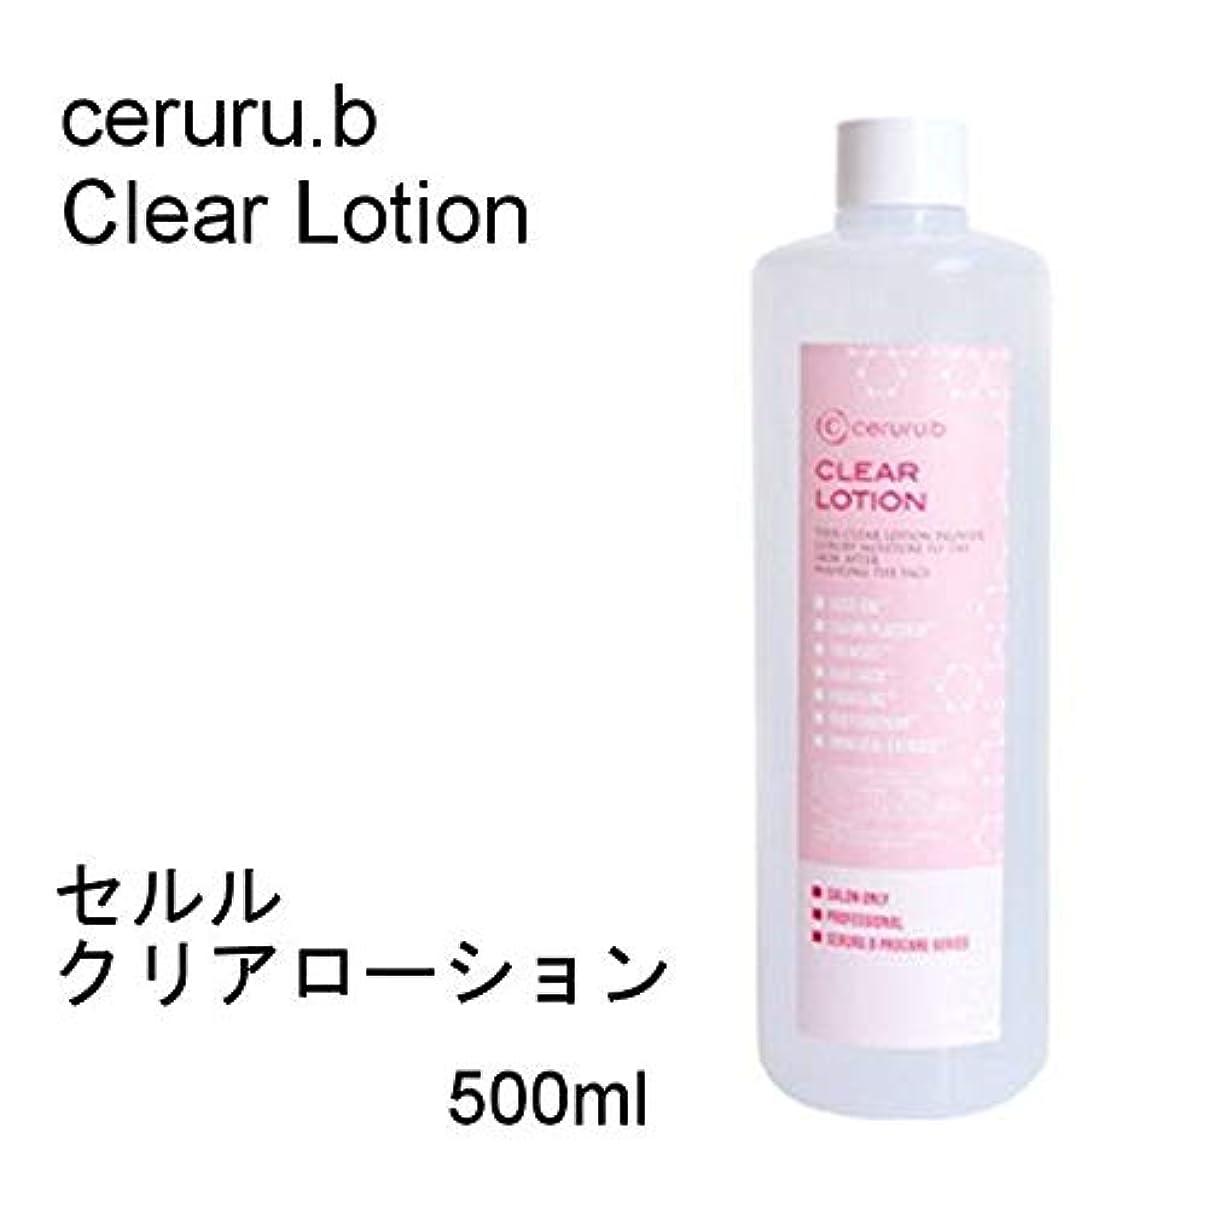 クール進化マスクceruru.b/セルル 業務用 クリアローション 化粧水 500mL